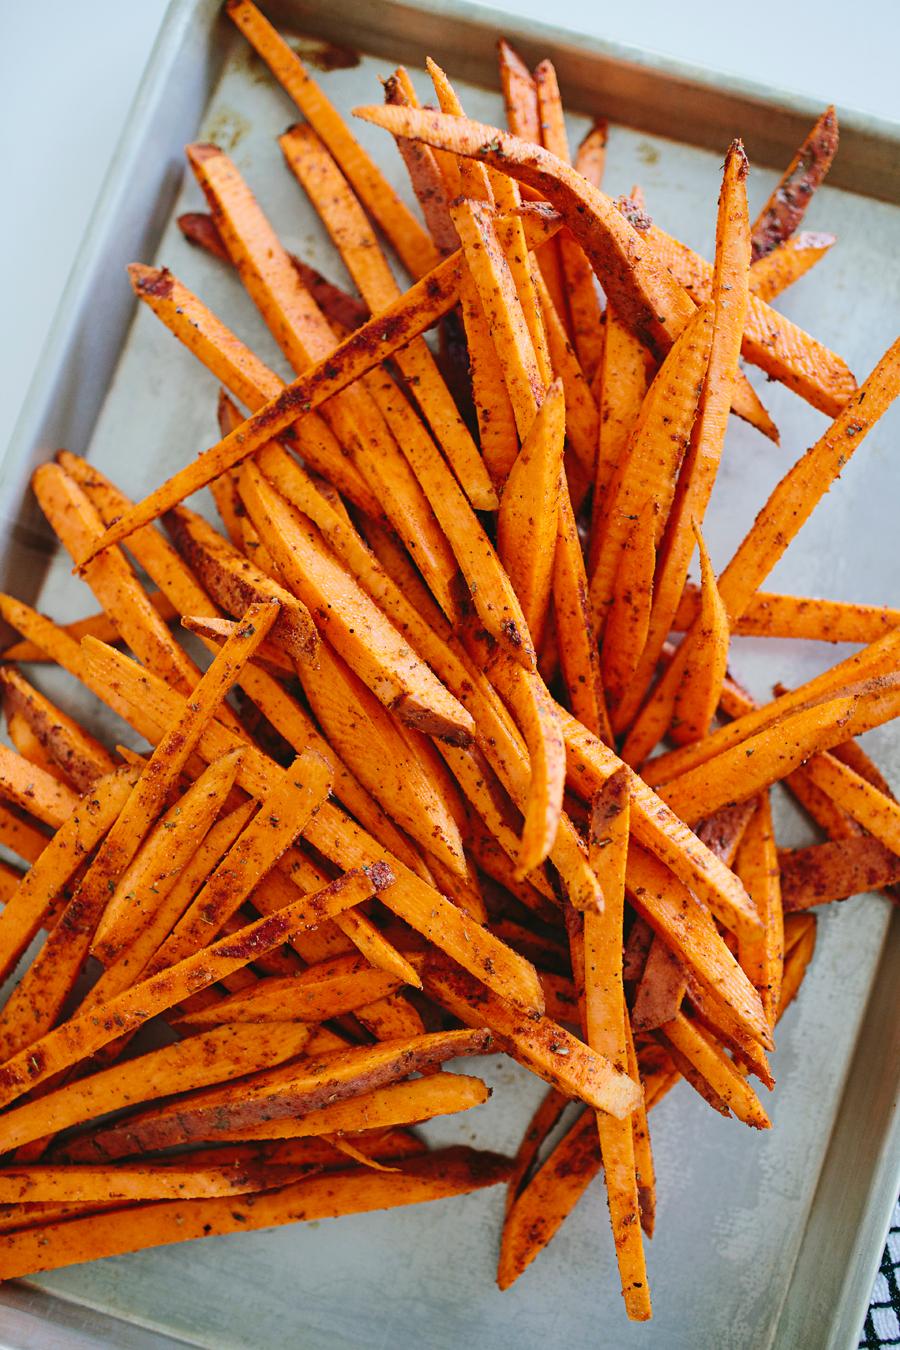 brookecourtney_sweetpotatofries_ovenbaked_frysauce-7.jpg